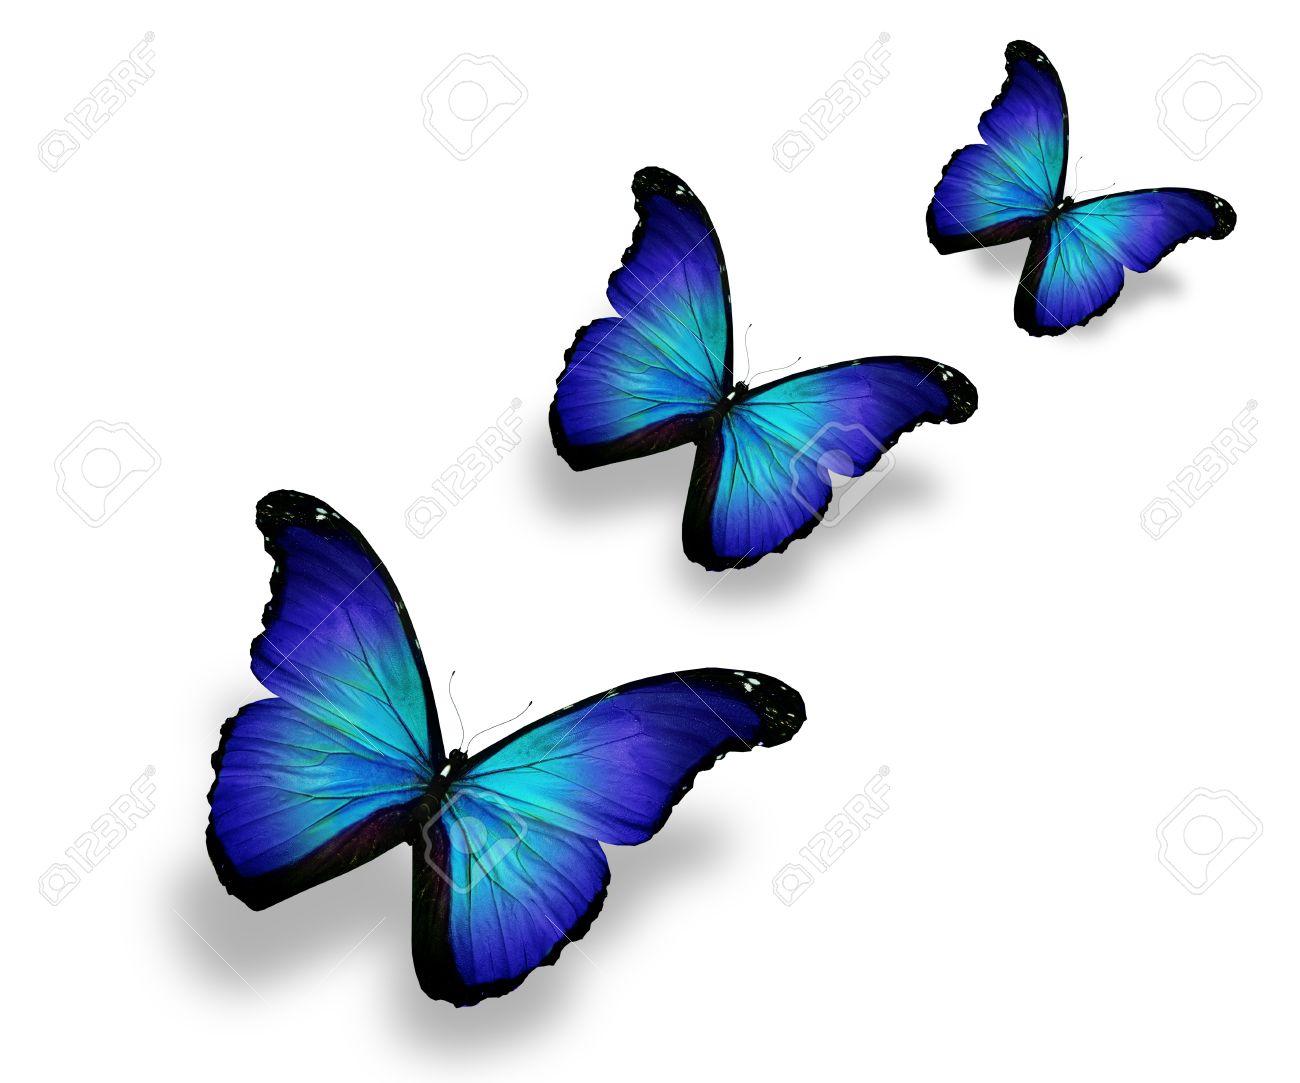 <<<Poemas de colores...>>> - Página 2 13997257-Tres-mariposas-azules-aislados-en-blanco-Foto-de-archivo